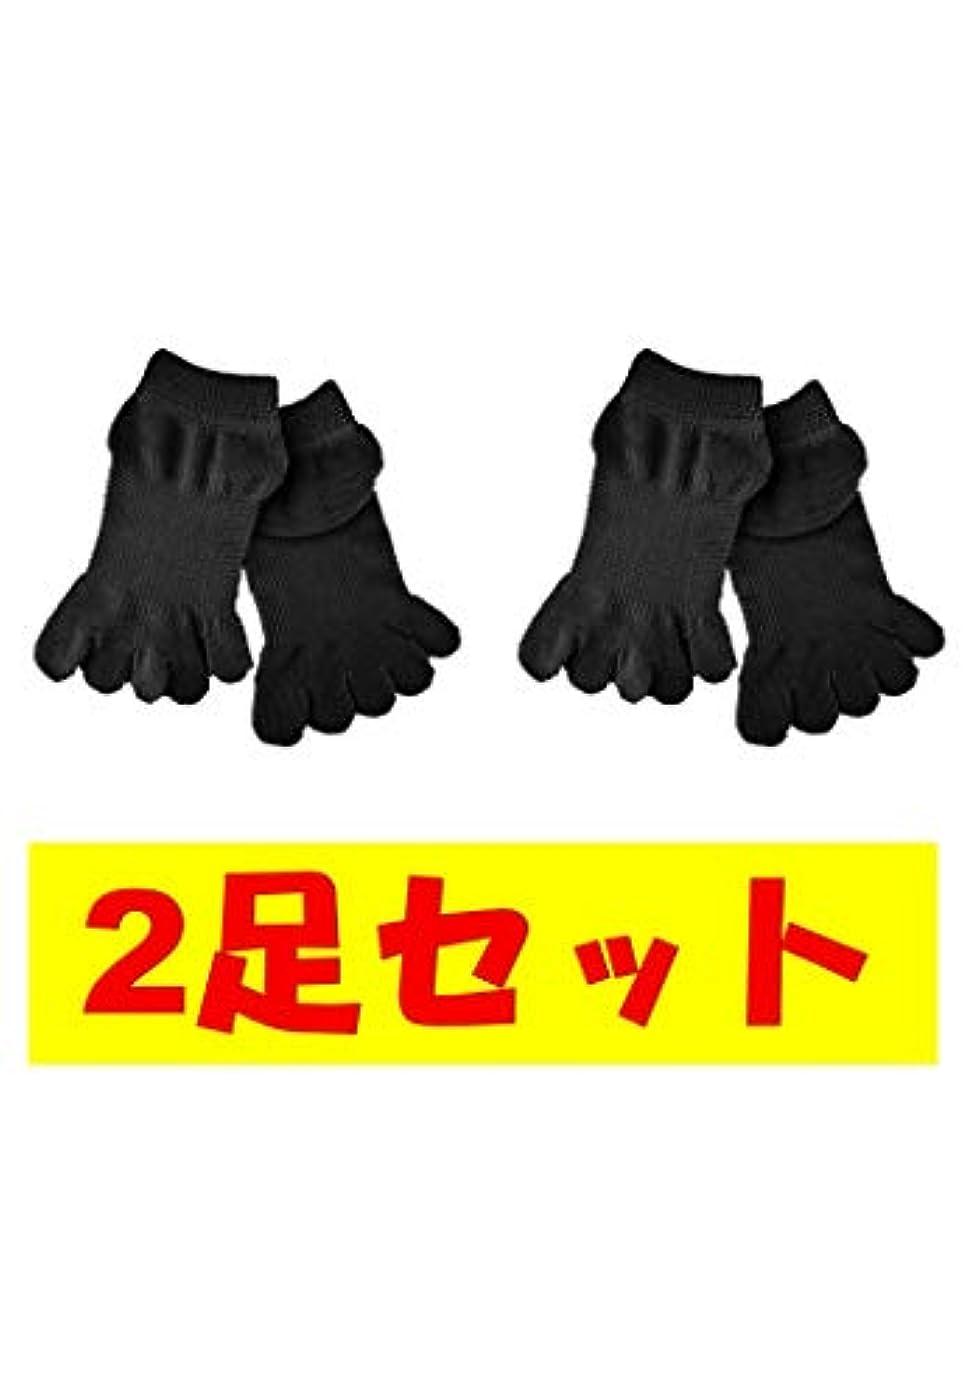 南西不和オフお買い得2足セット 5本指 ゆびのばソックス ゆびのば アンクル ブラック Mサイズ 25.0cm-27.5cm YSANKL-BLK